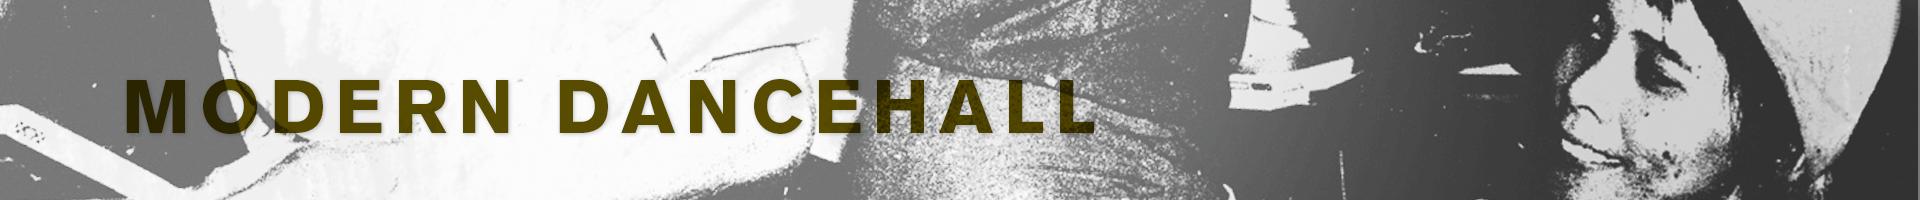 modern-dancehall-genre-banner.png